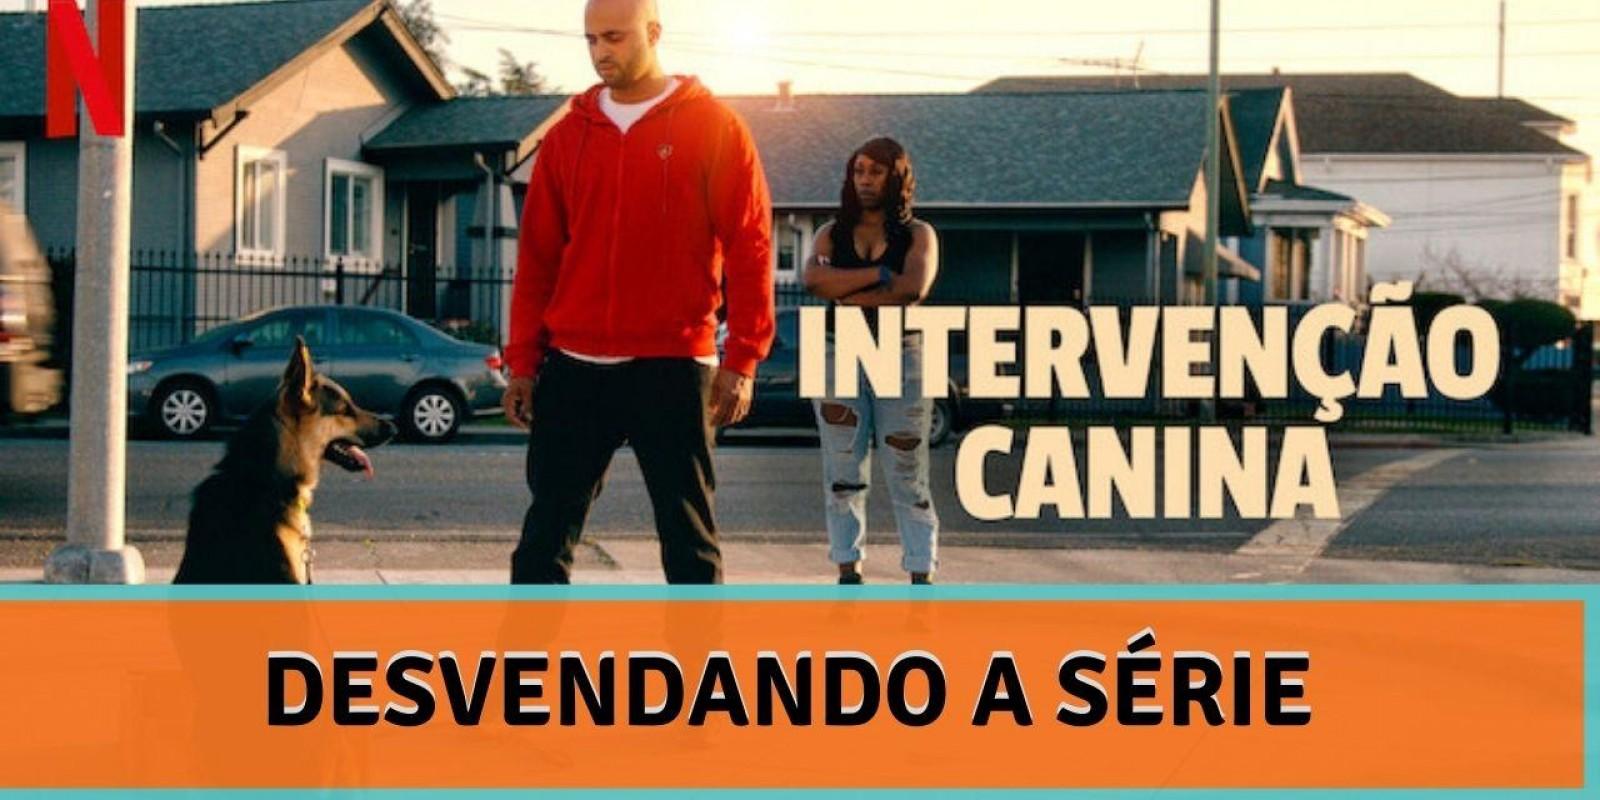 Lambeijos, Carla Ruas - Intervenção Canina: Desvendando a Série